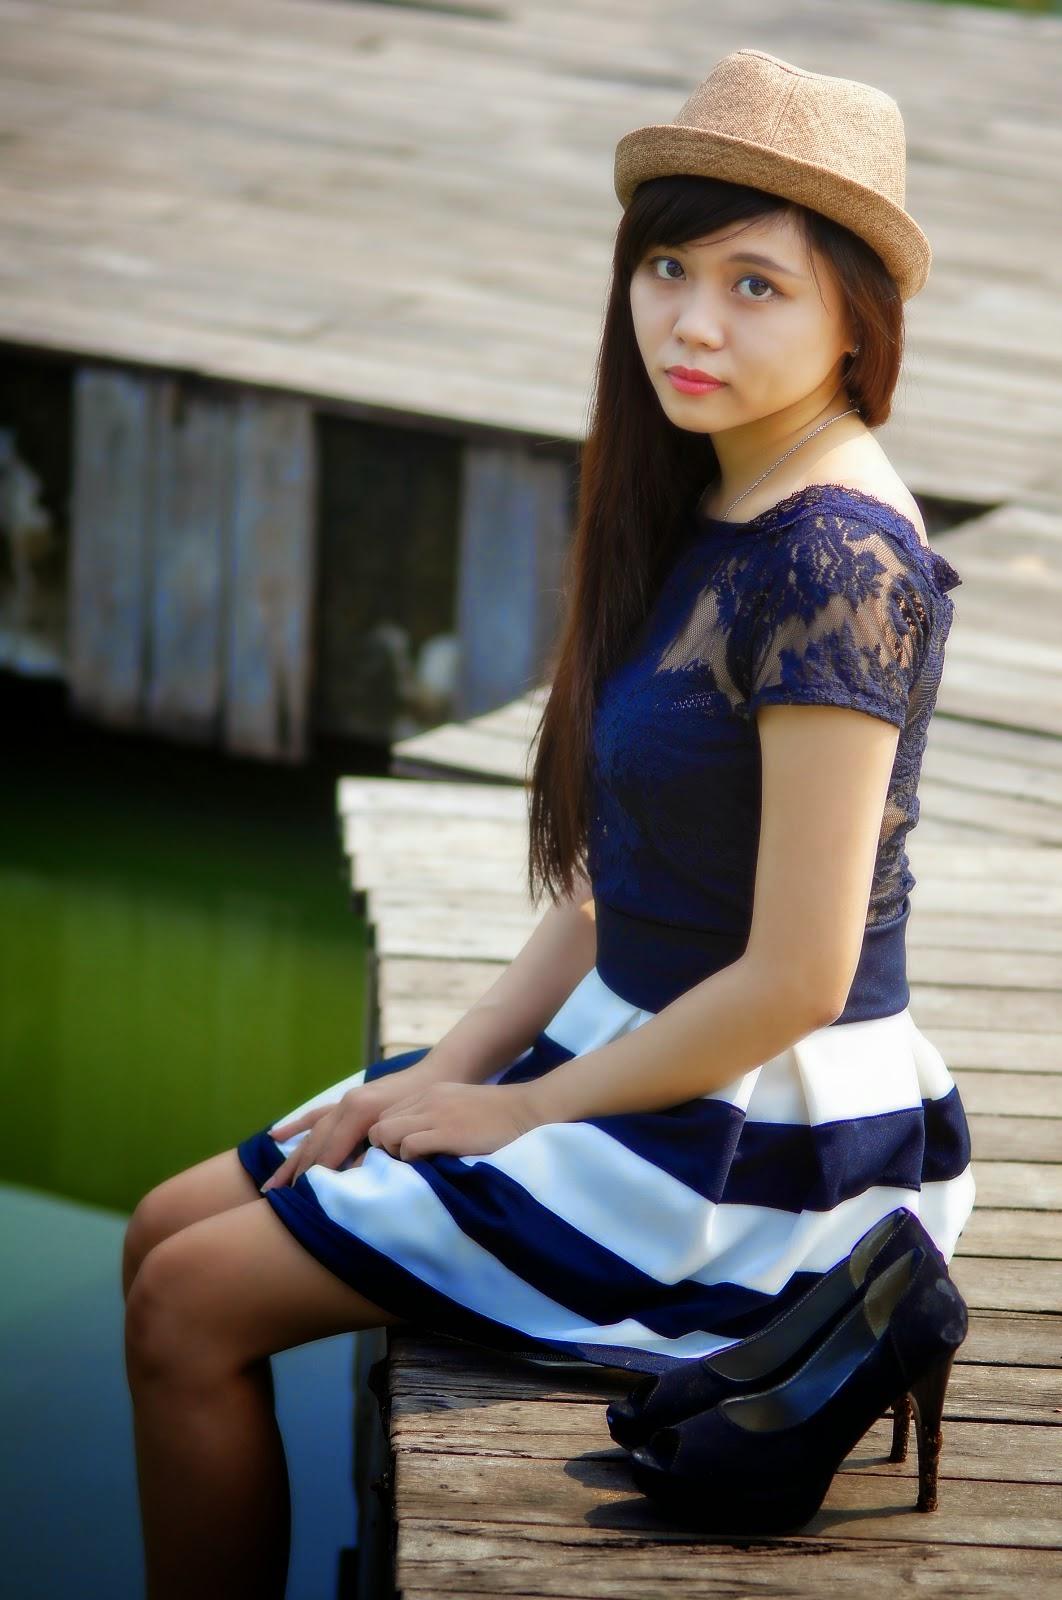 Ảnh đẹp girl xinh dáng đẹp - Ảnh 15